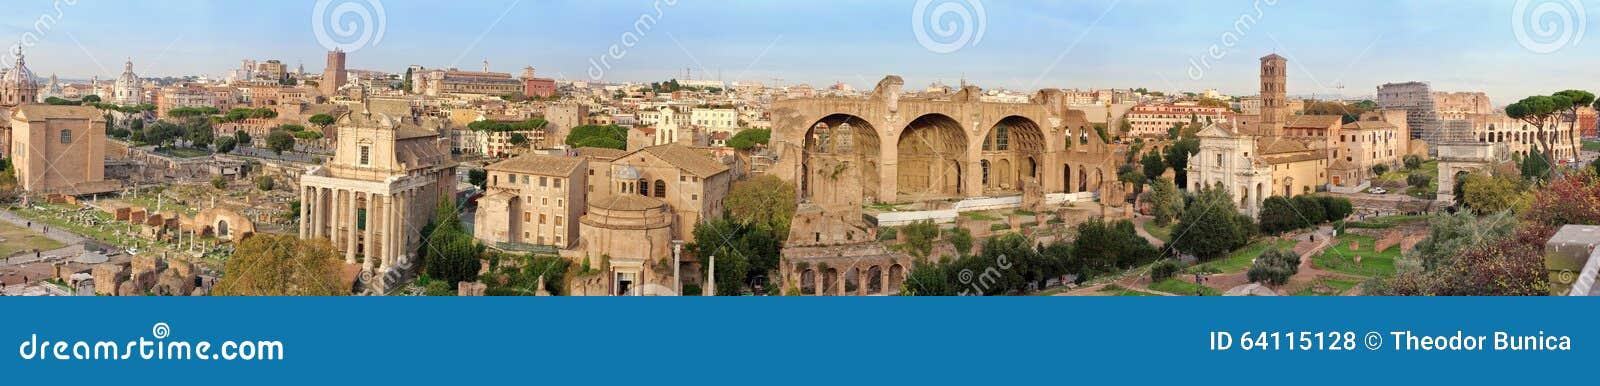 Visión panorámica sobre Roma